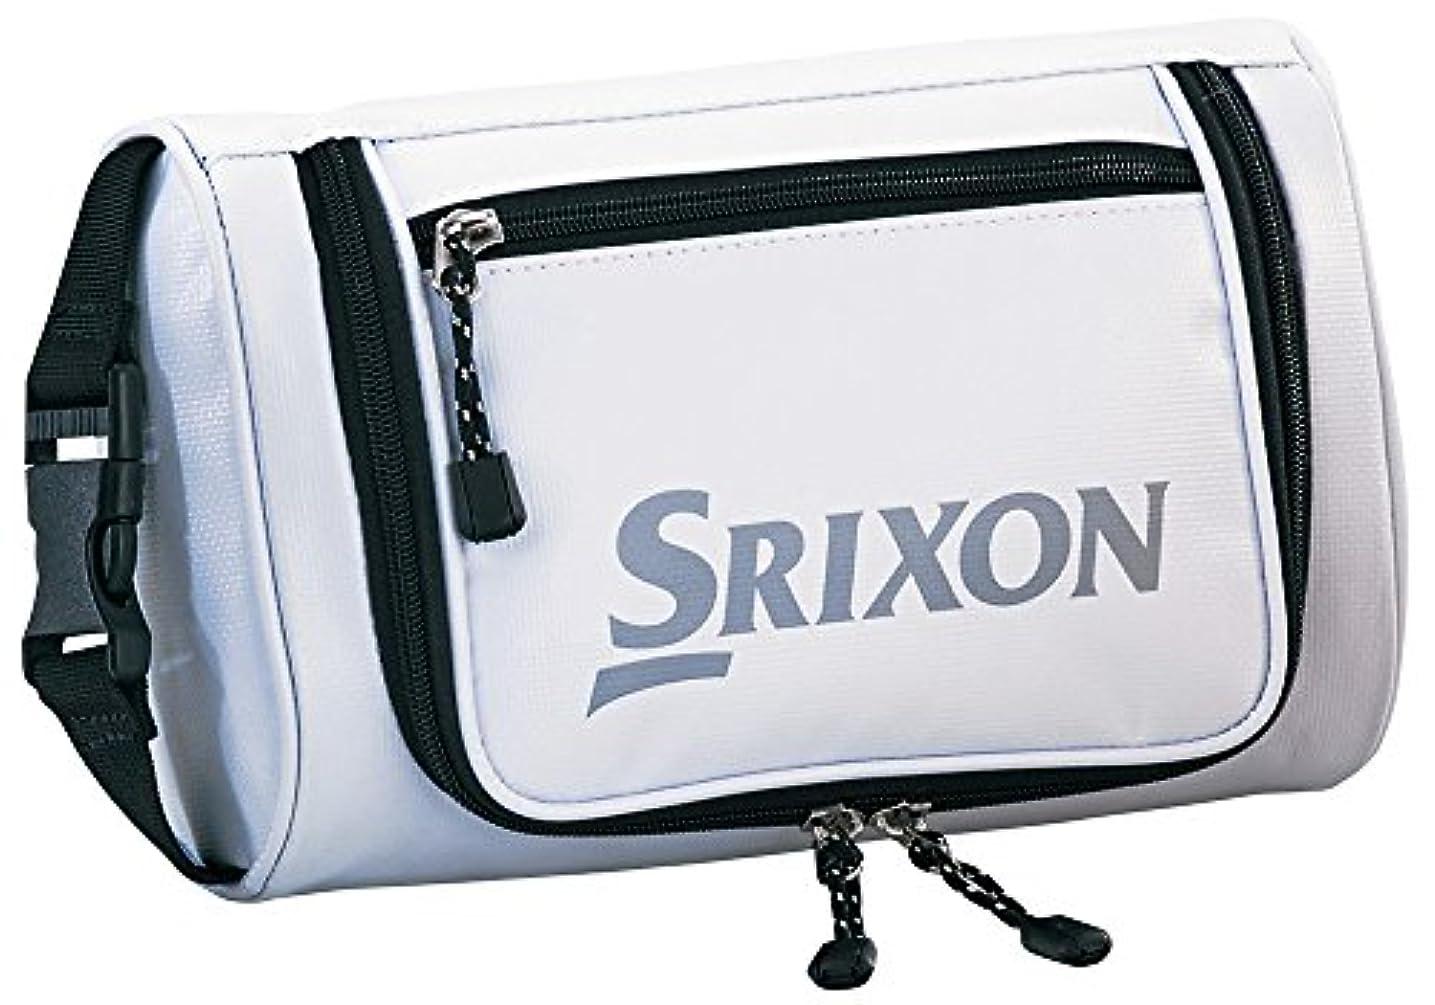 送る偶然イタリックDUNLOP(ダンロップ) SRIXON ラウンドポーチ GGF-B4010